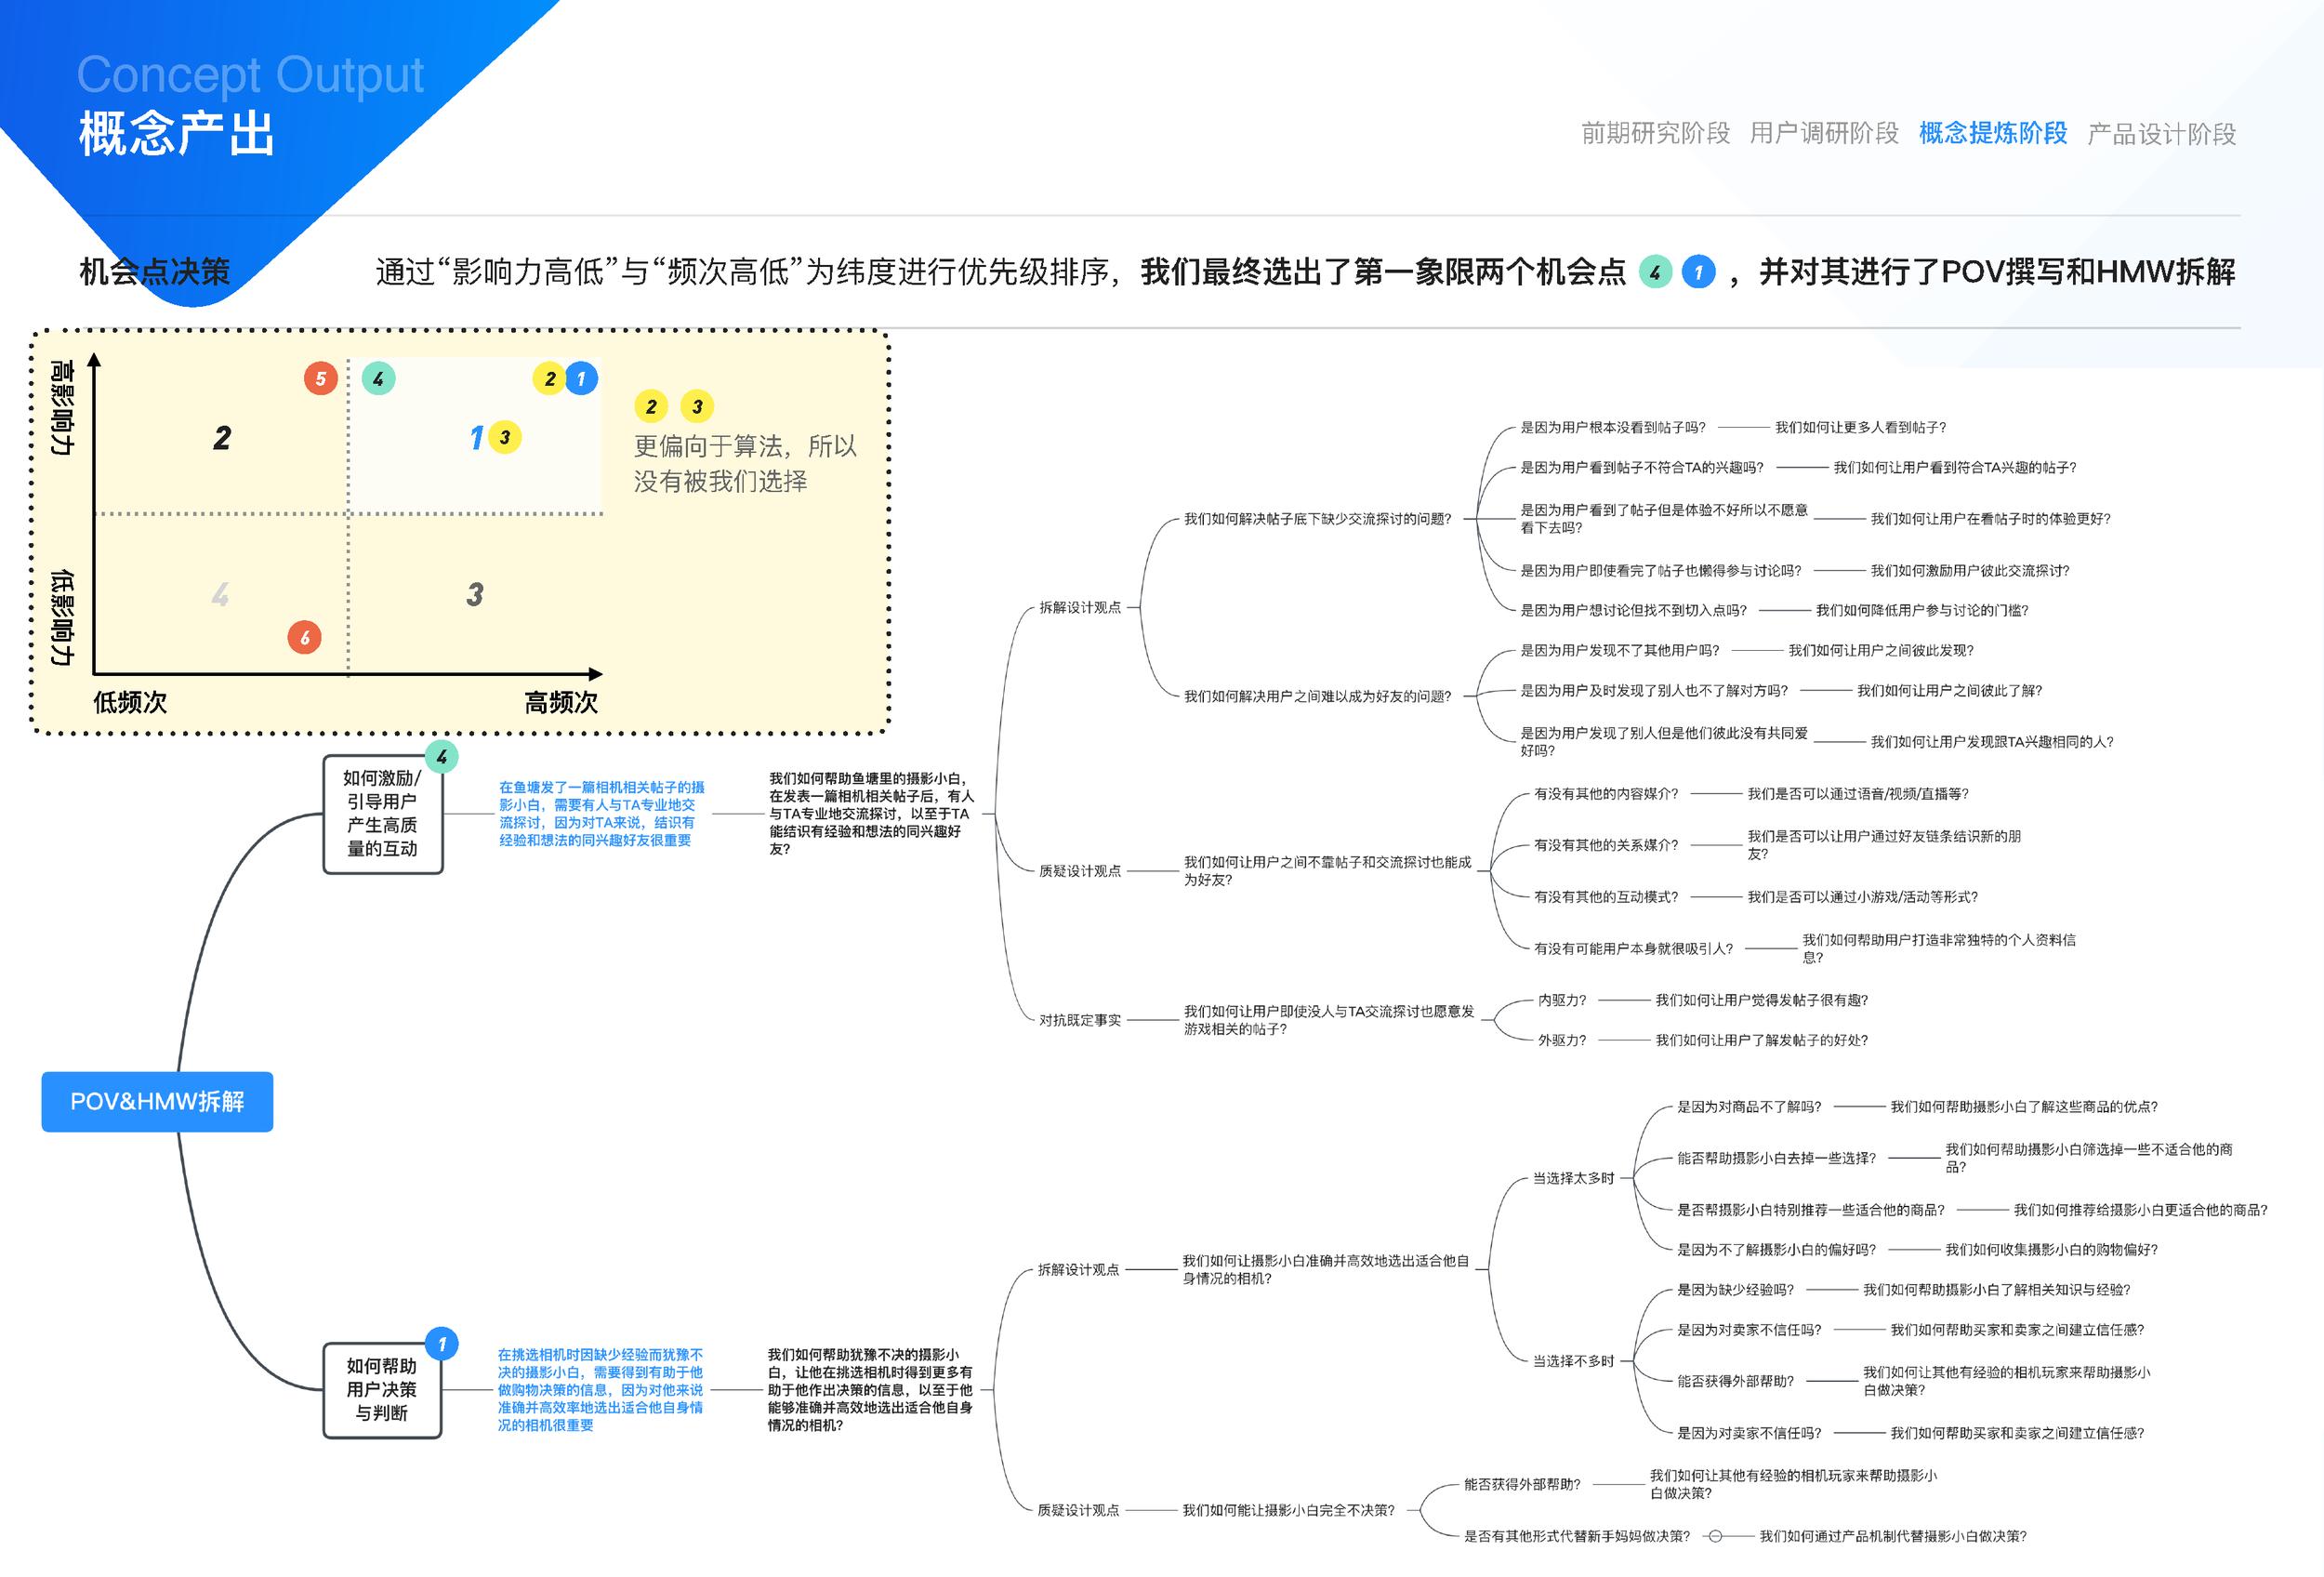 闲鱼社区互动设计(17小组油猫饼)_页面_16.png